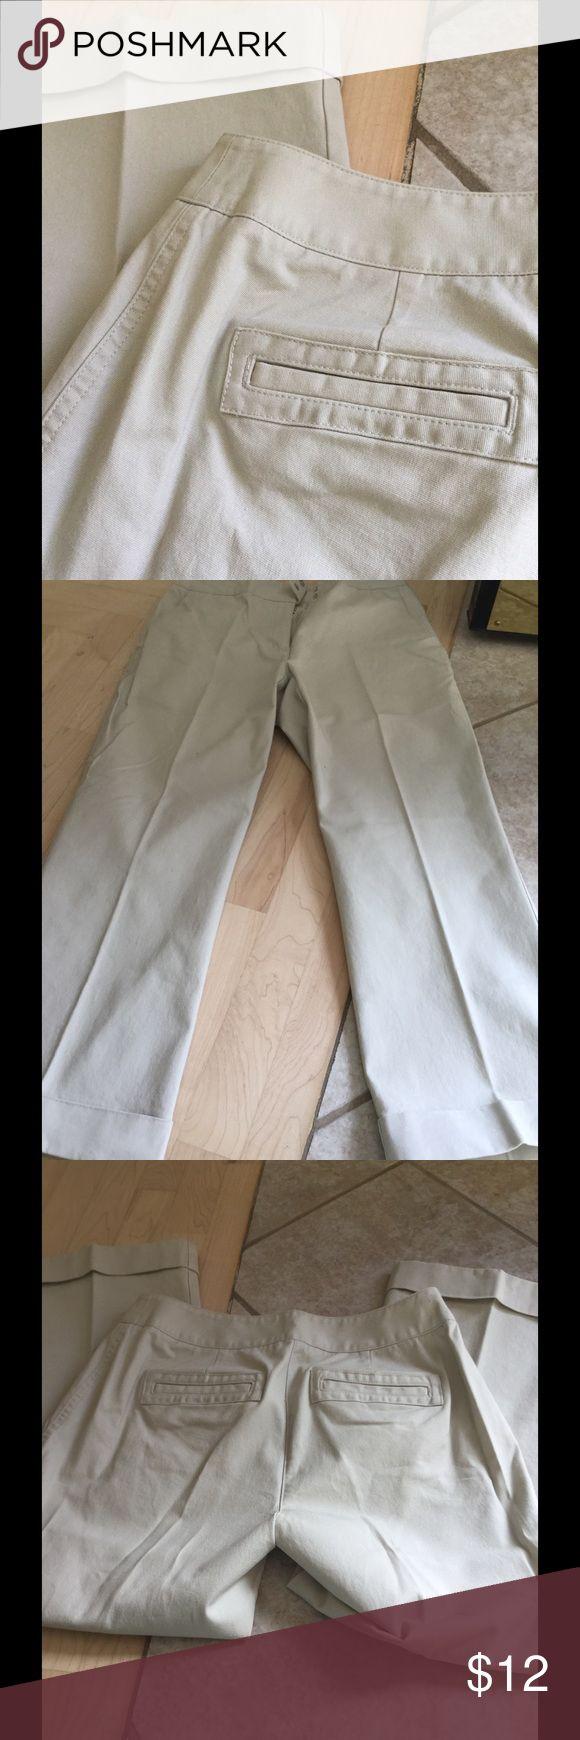 Sigrid Olsen kaki capri w cuffed bottoms Great condition capris Sigrid Olsen Pants Capris